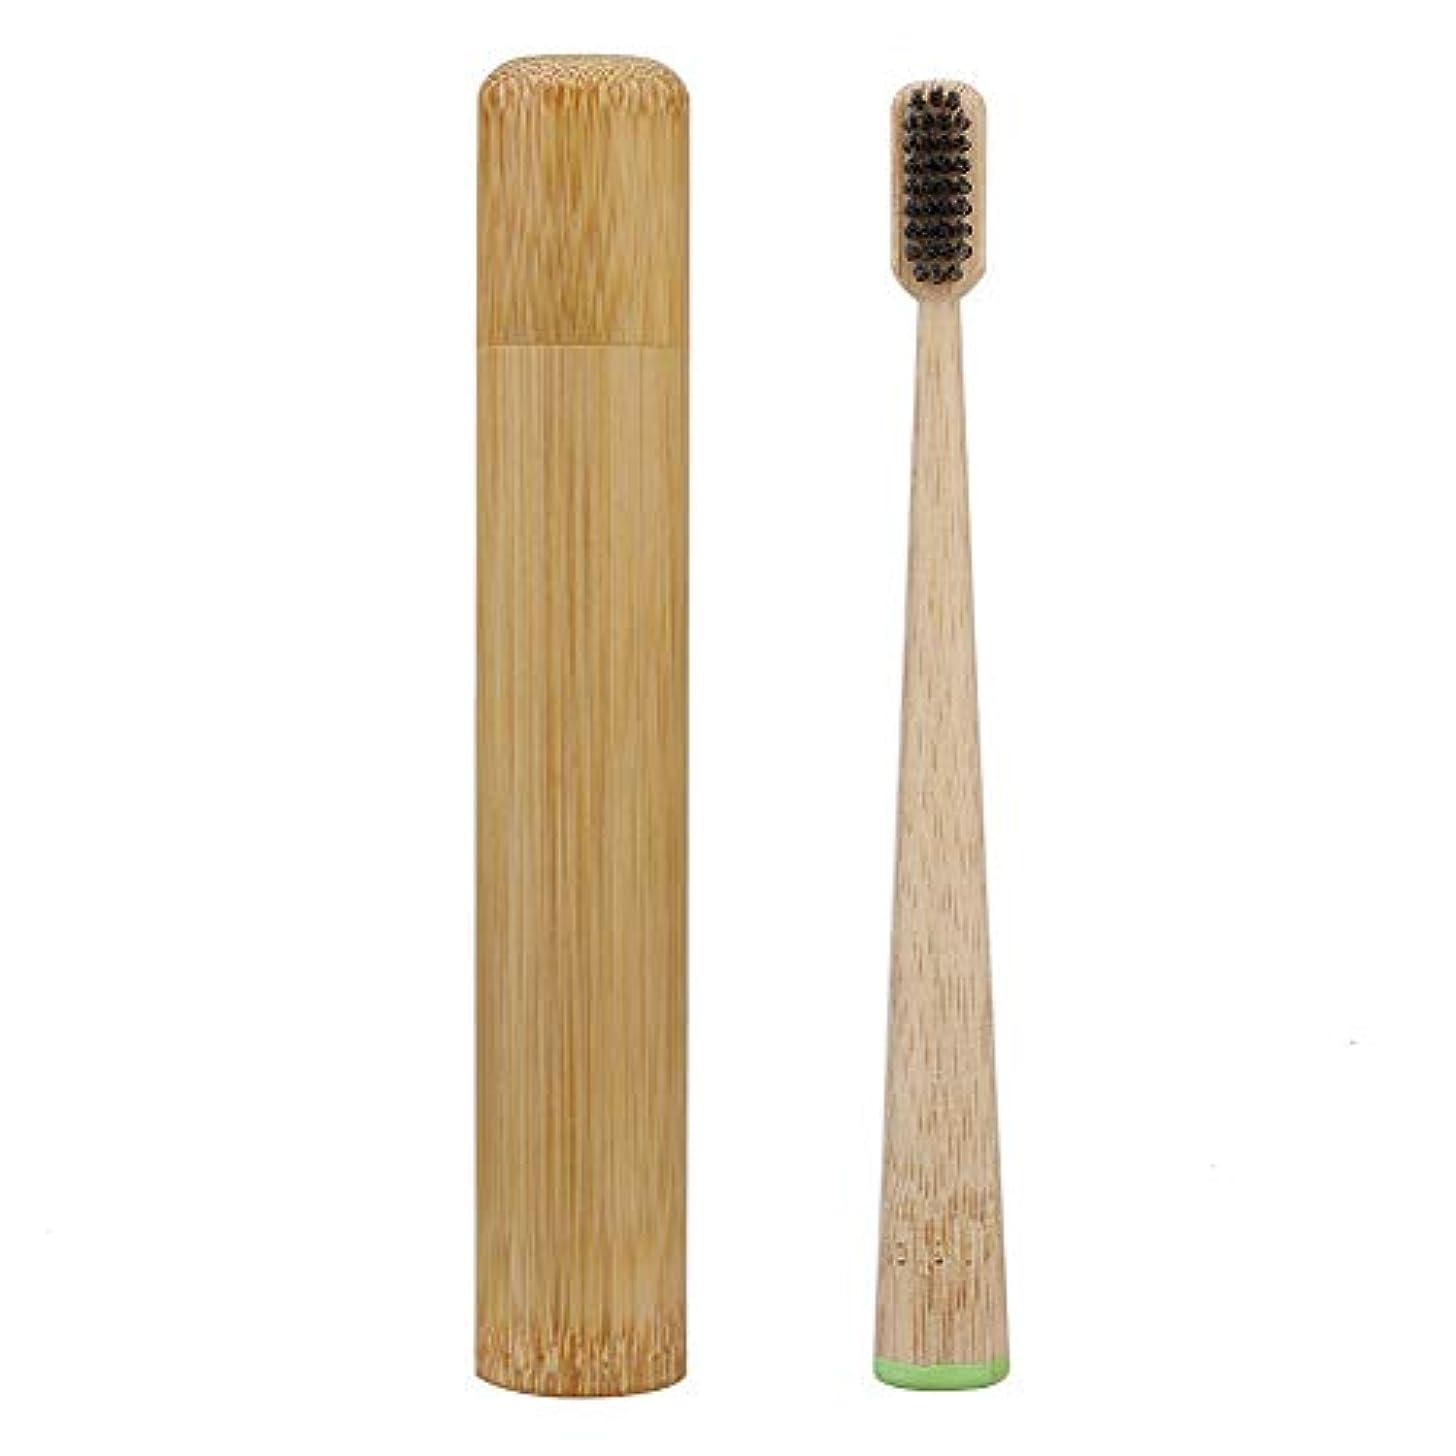 かけがえのないマイクロフォンベースPannow 2pcs 竹の歯ブラシ 子ども用ハブラシ 丸いハンドル歯ブラシ ケース付き 柔らかい 炭の毛 環境にやさしい歯ブラシ